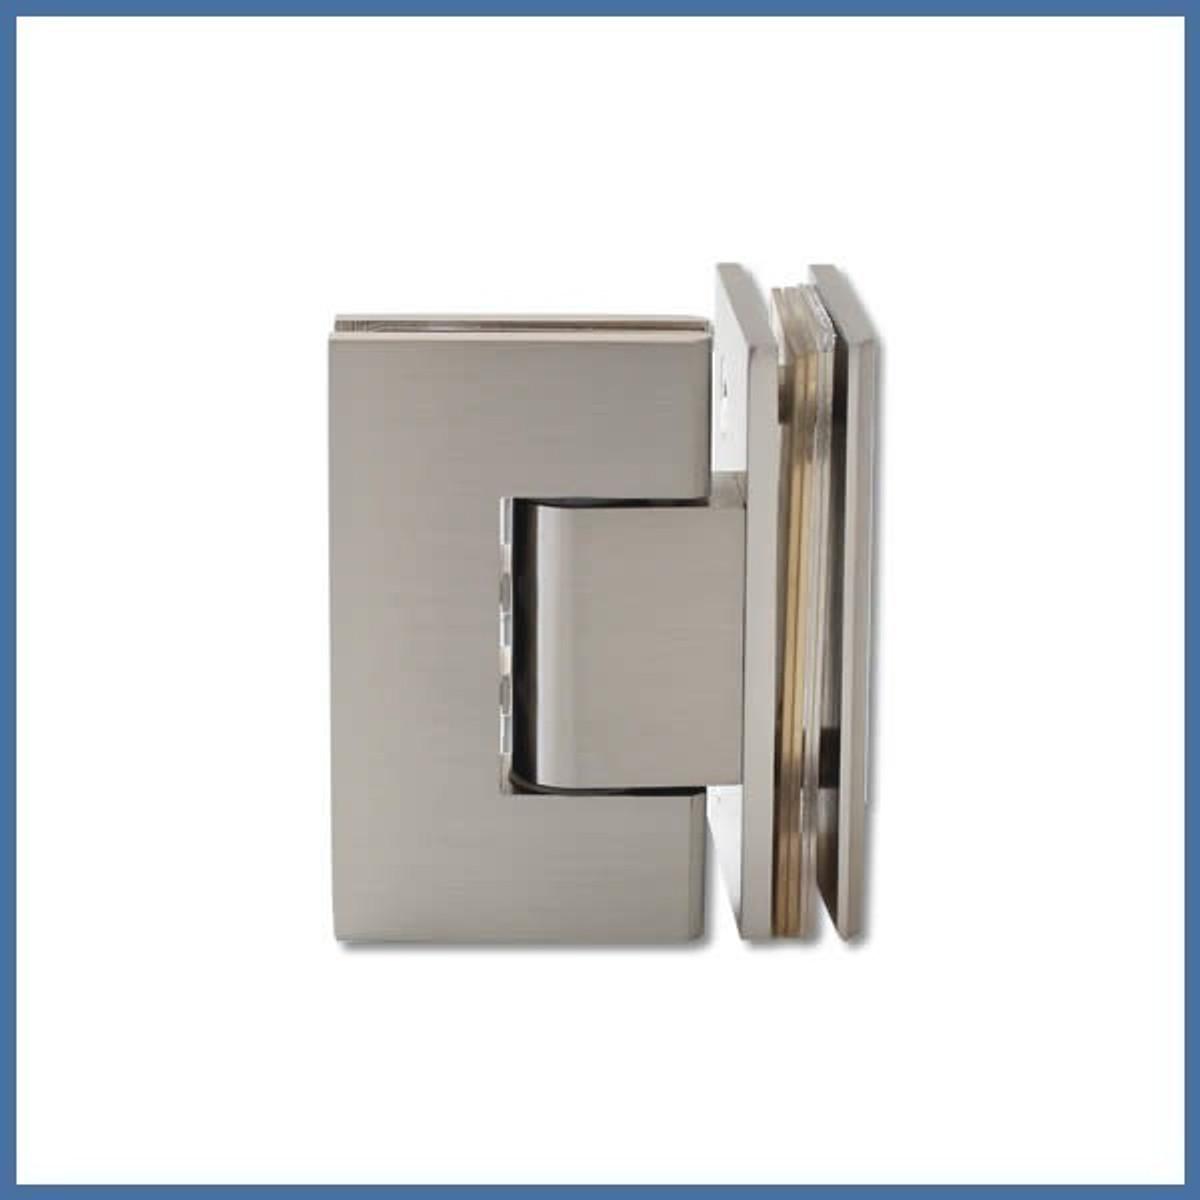 """Duschtürbeschlag, Scharnier für Dusch-Tür, """"Finesse"""", Glas-Glas, 90°,VA-Finish"""